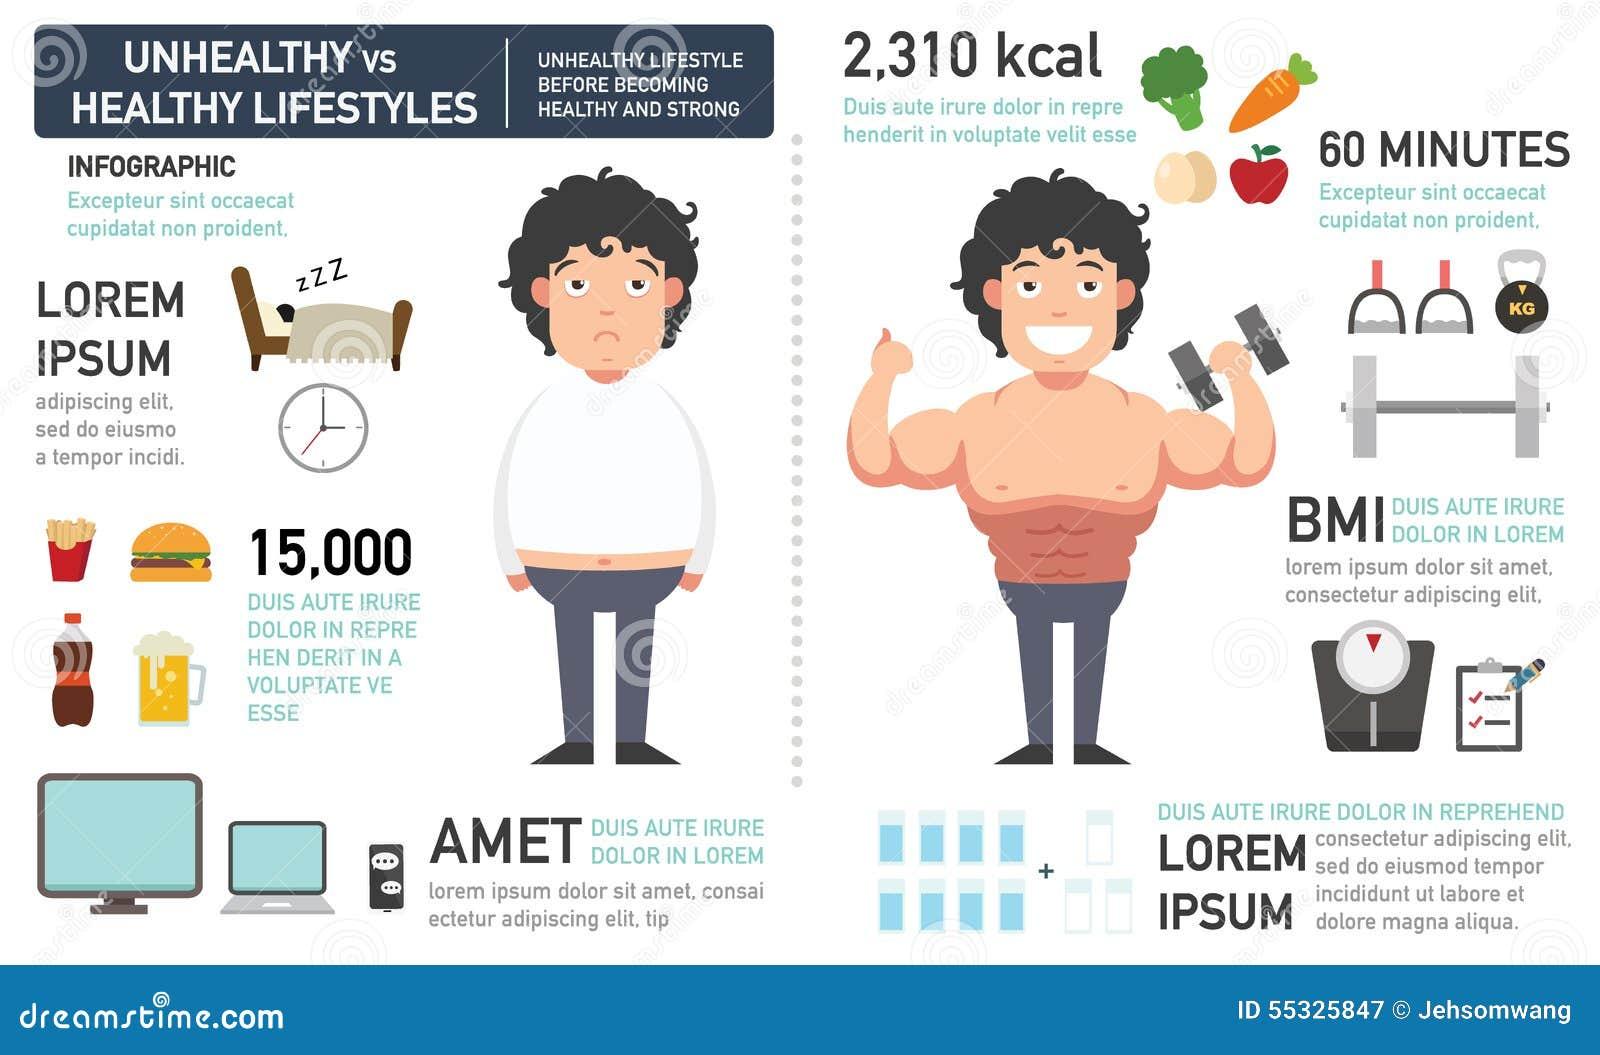 Estilo de vida insalubre antes de tornar-se saudável e forte